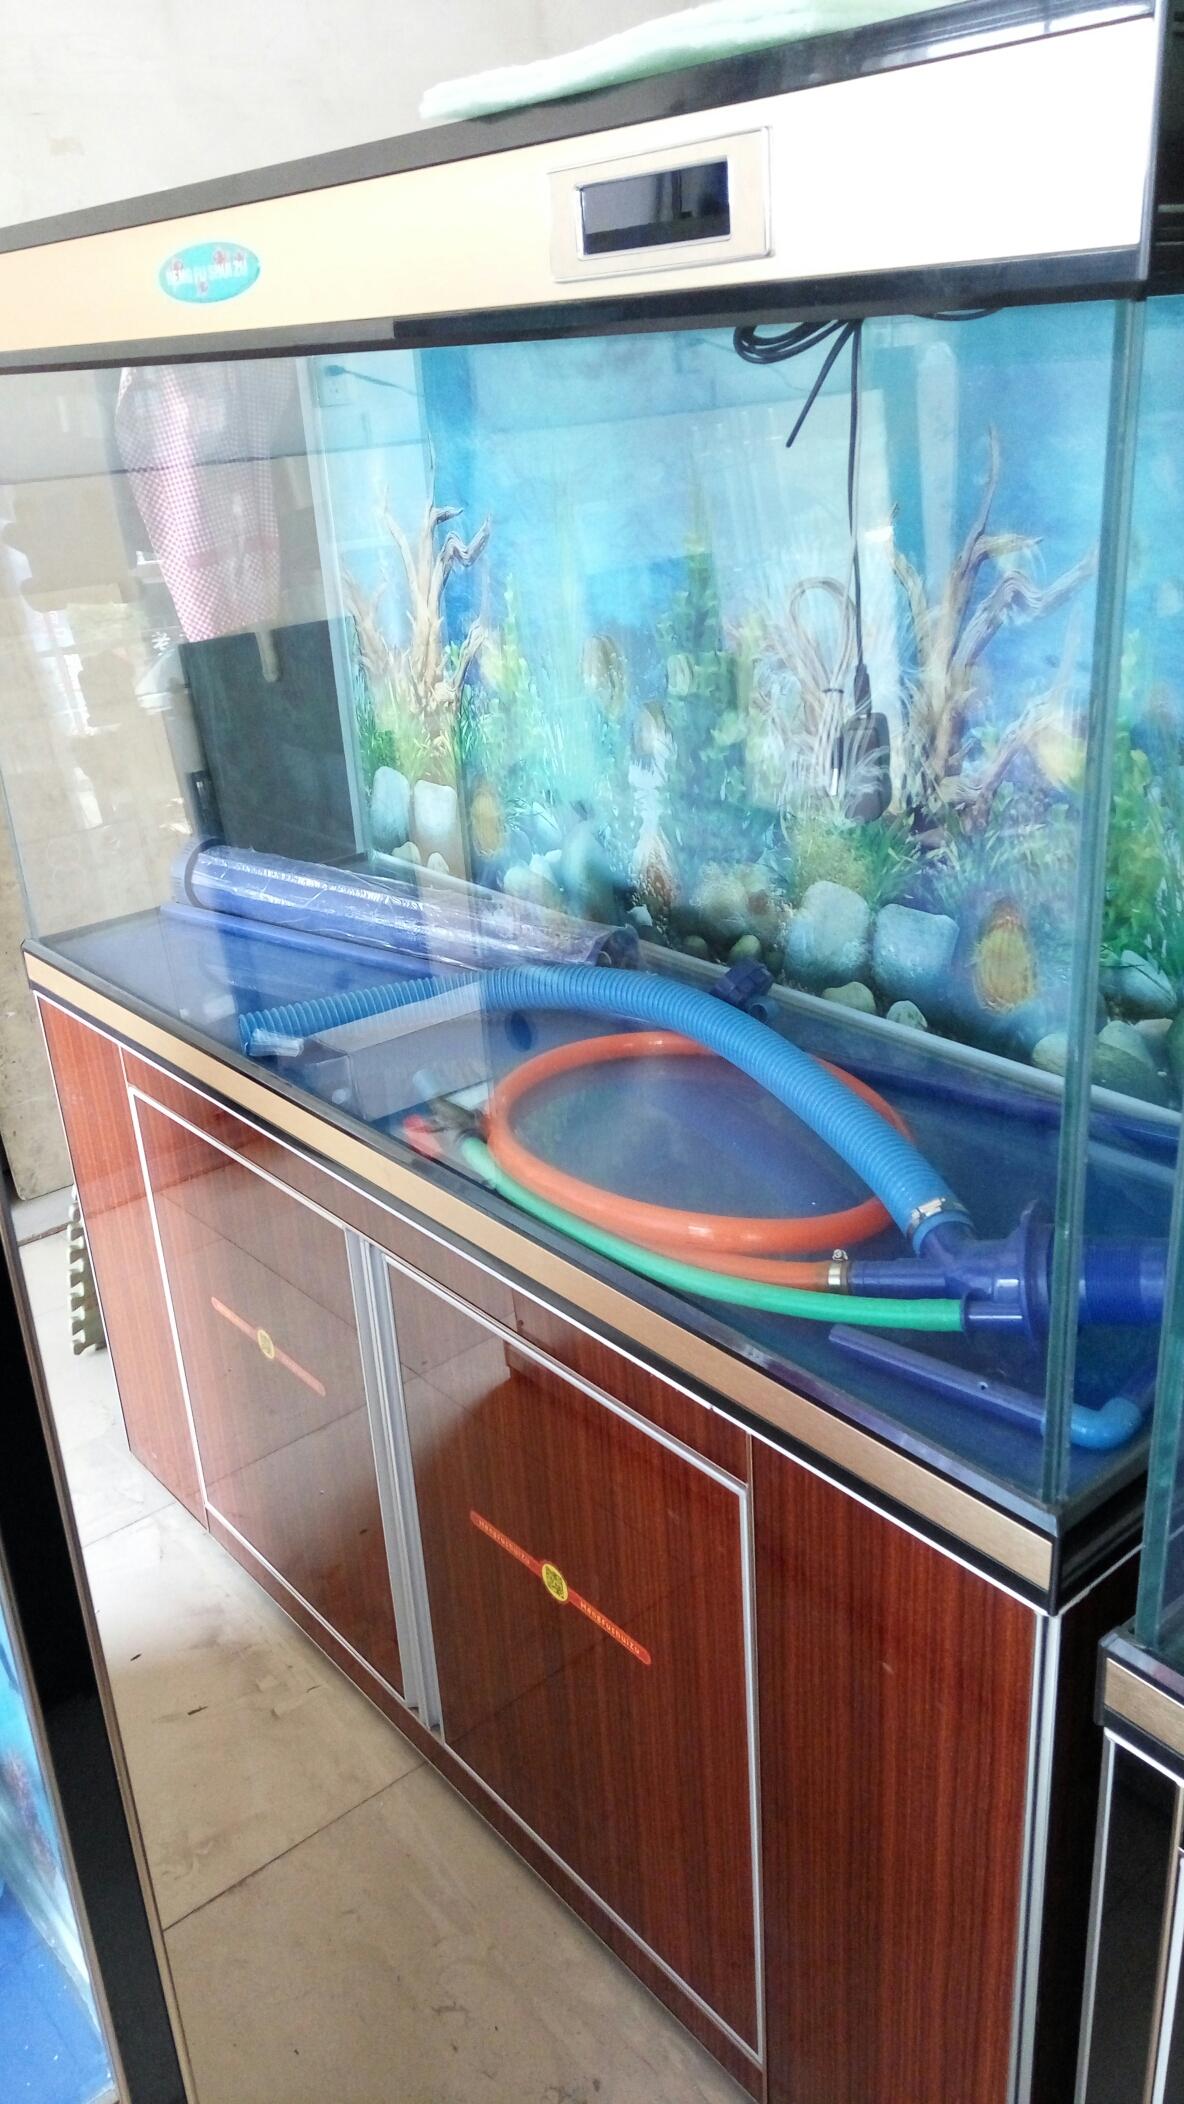 这几种颜色哪种可以 西安龙鱼论坛 西安博特第3张